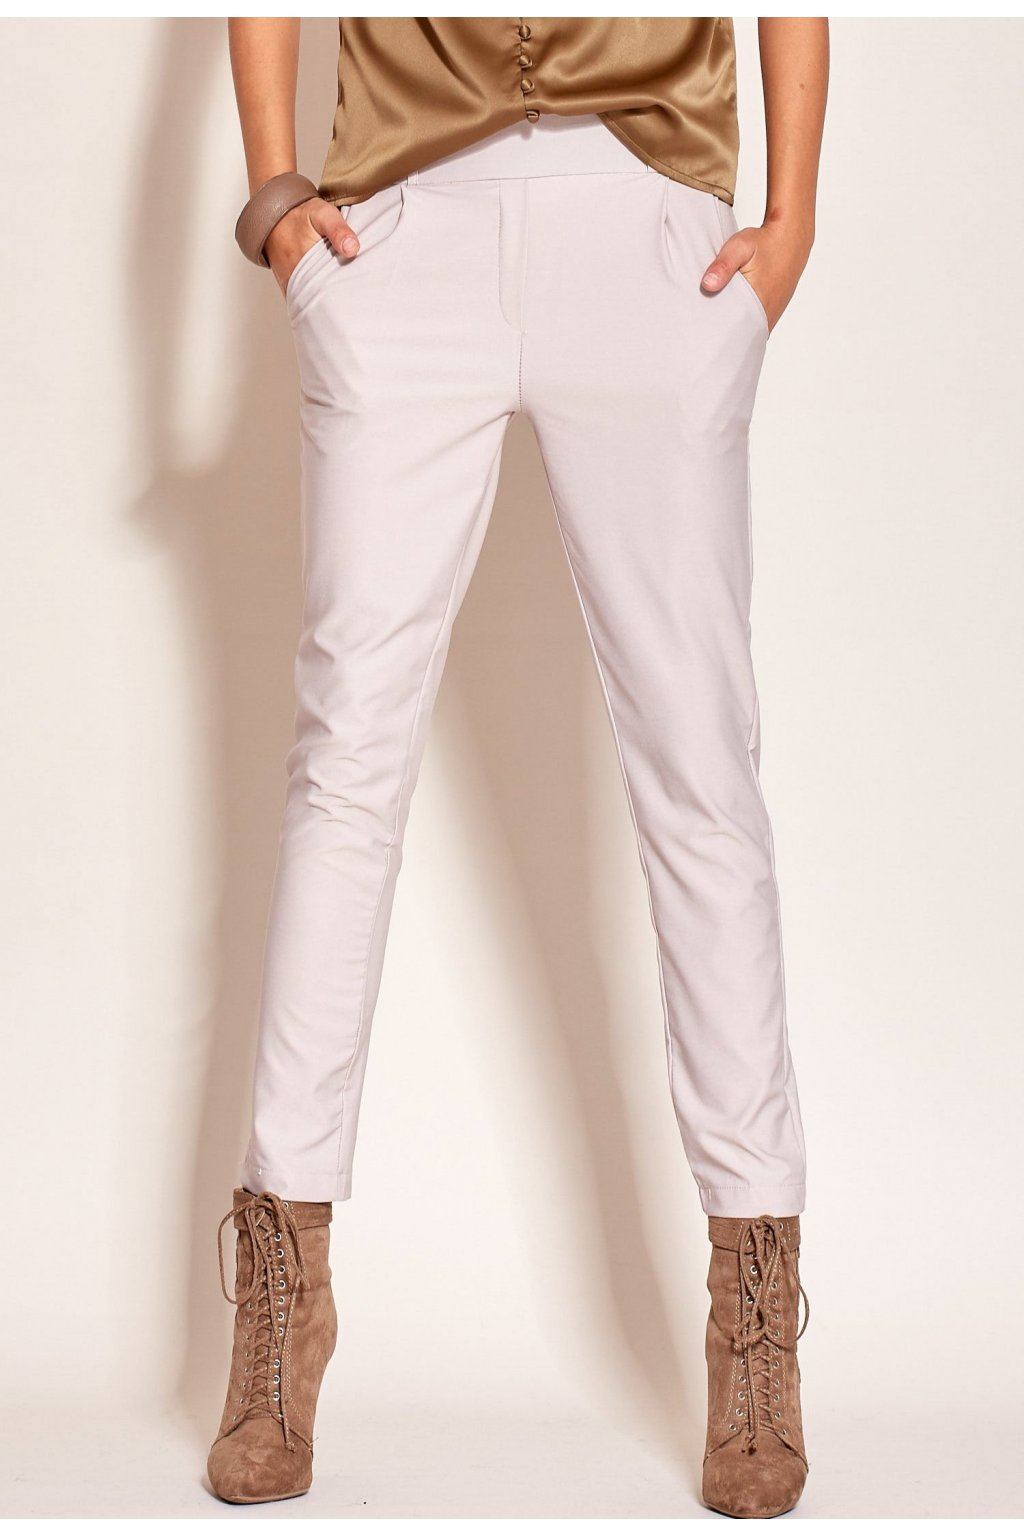 Šedé dámské kalhoty